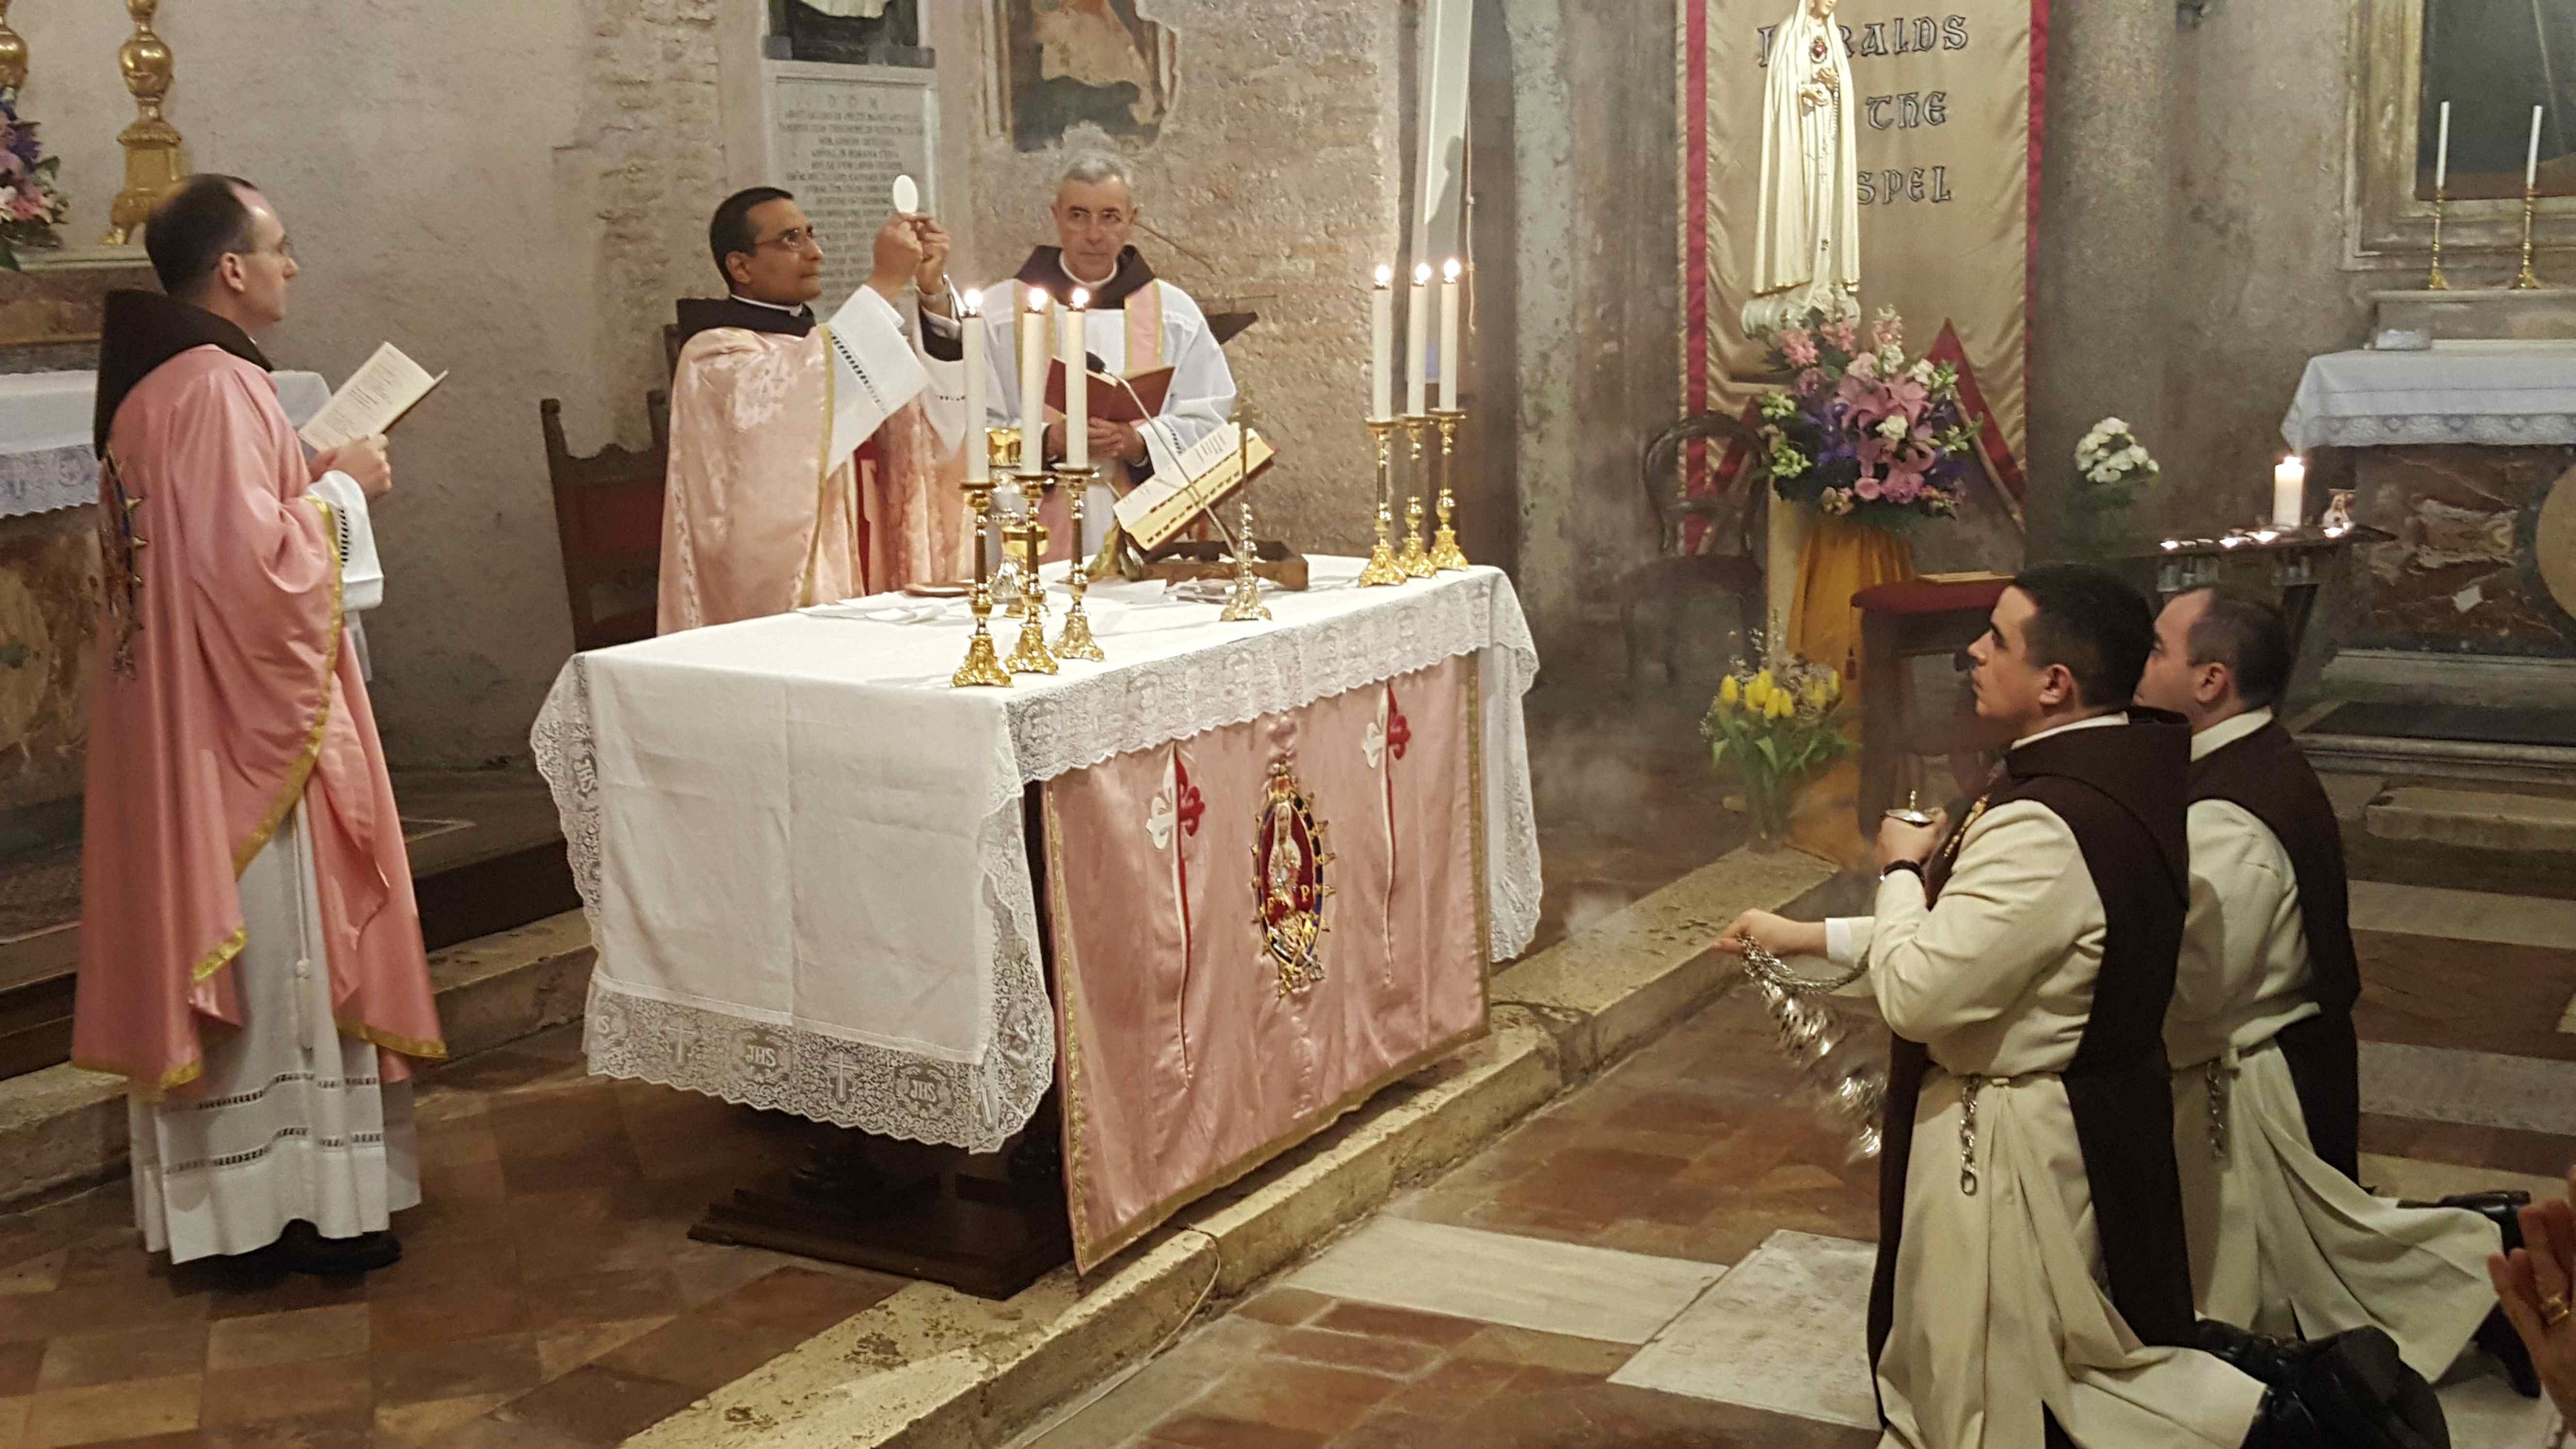 1° messa di un novello sacerdote degli Araldi Del Vangelo.